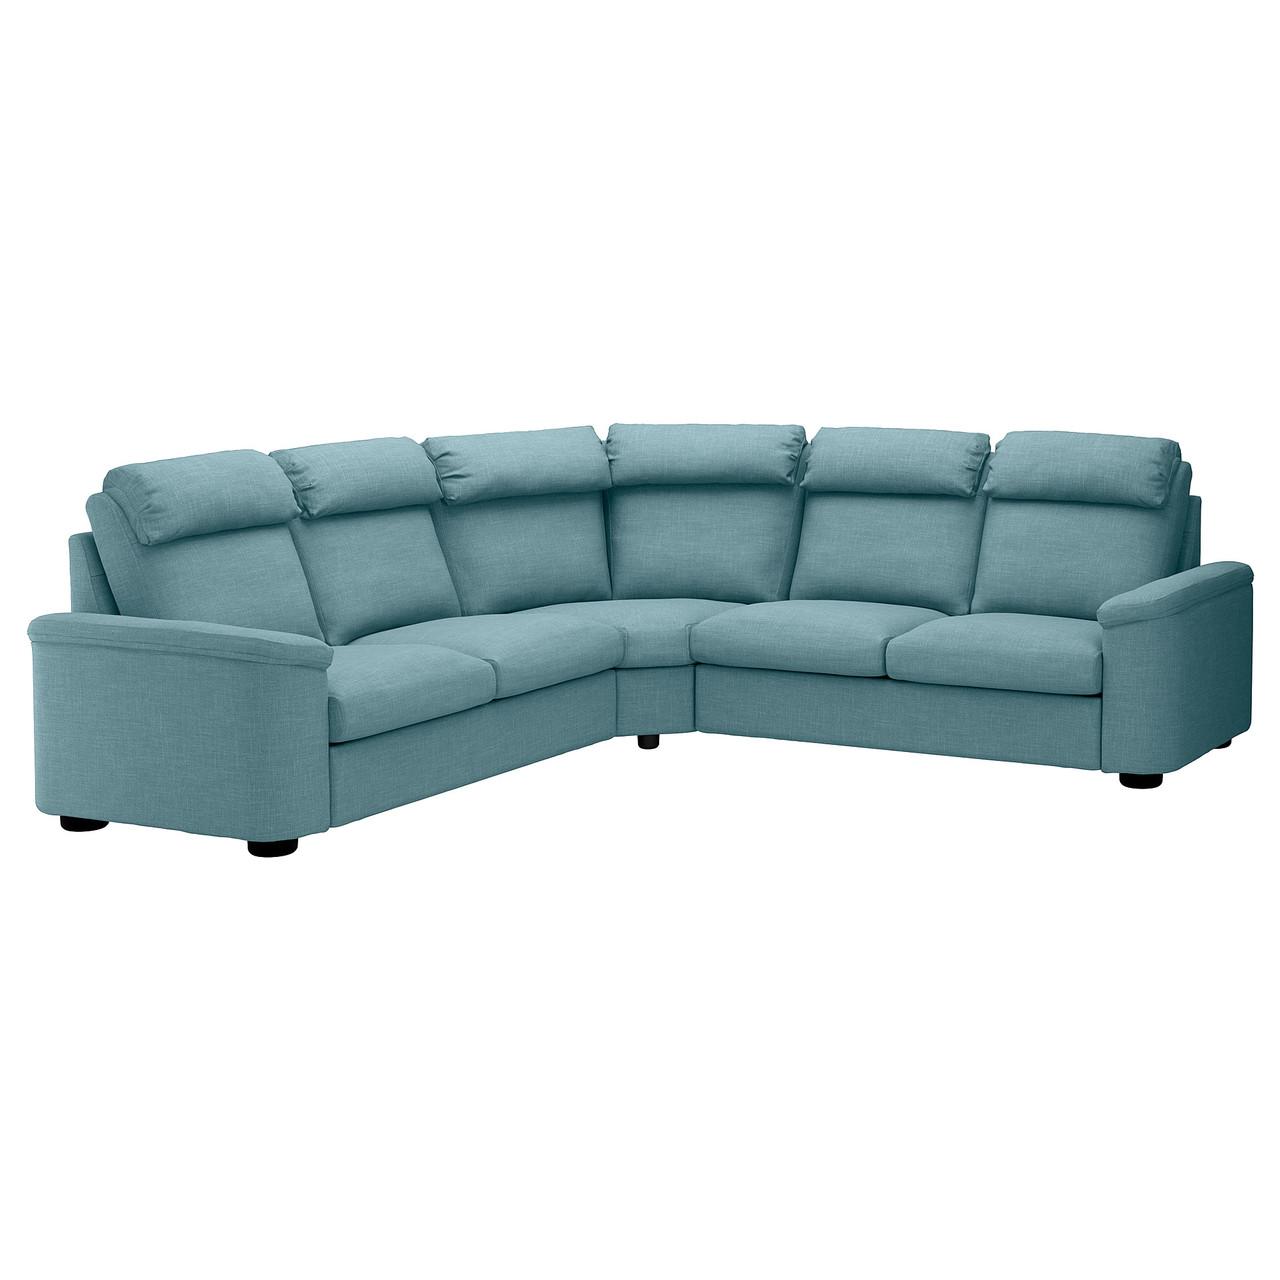 LIDHULT Угловой диван-кровать